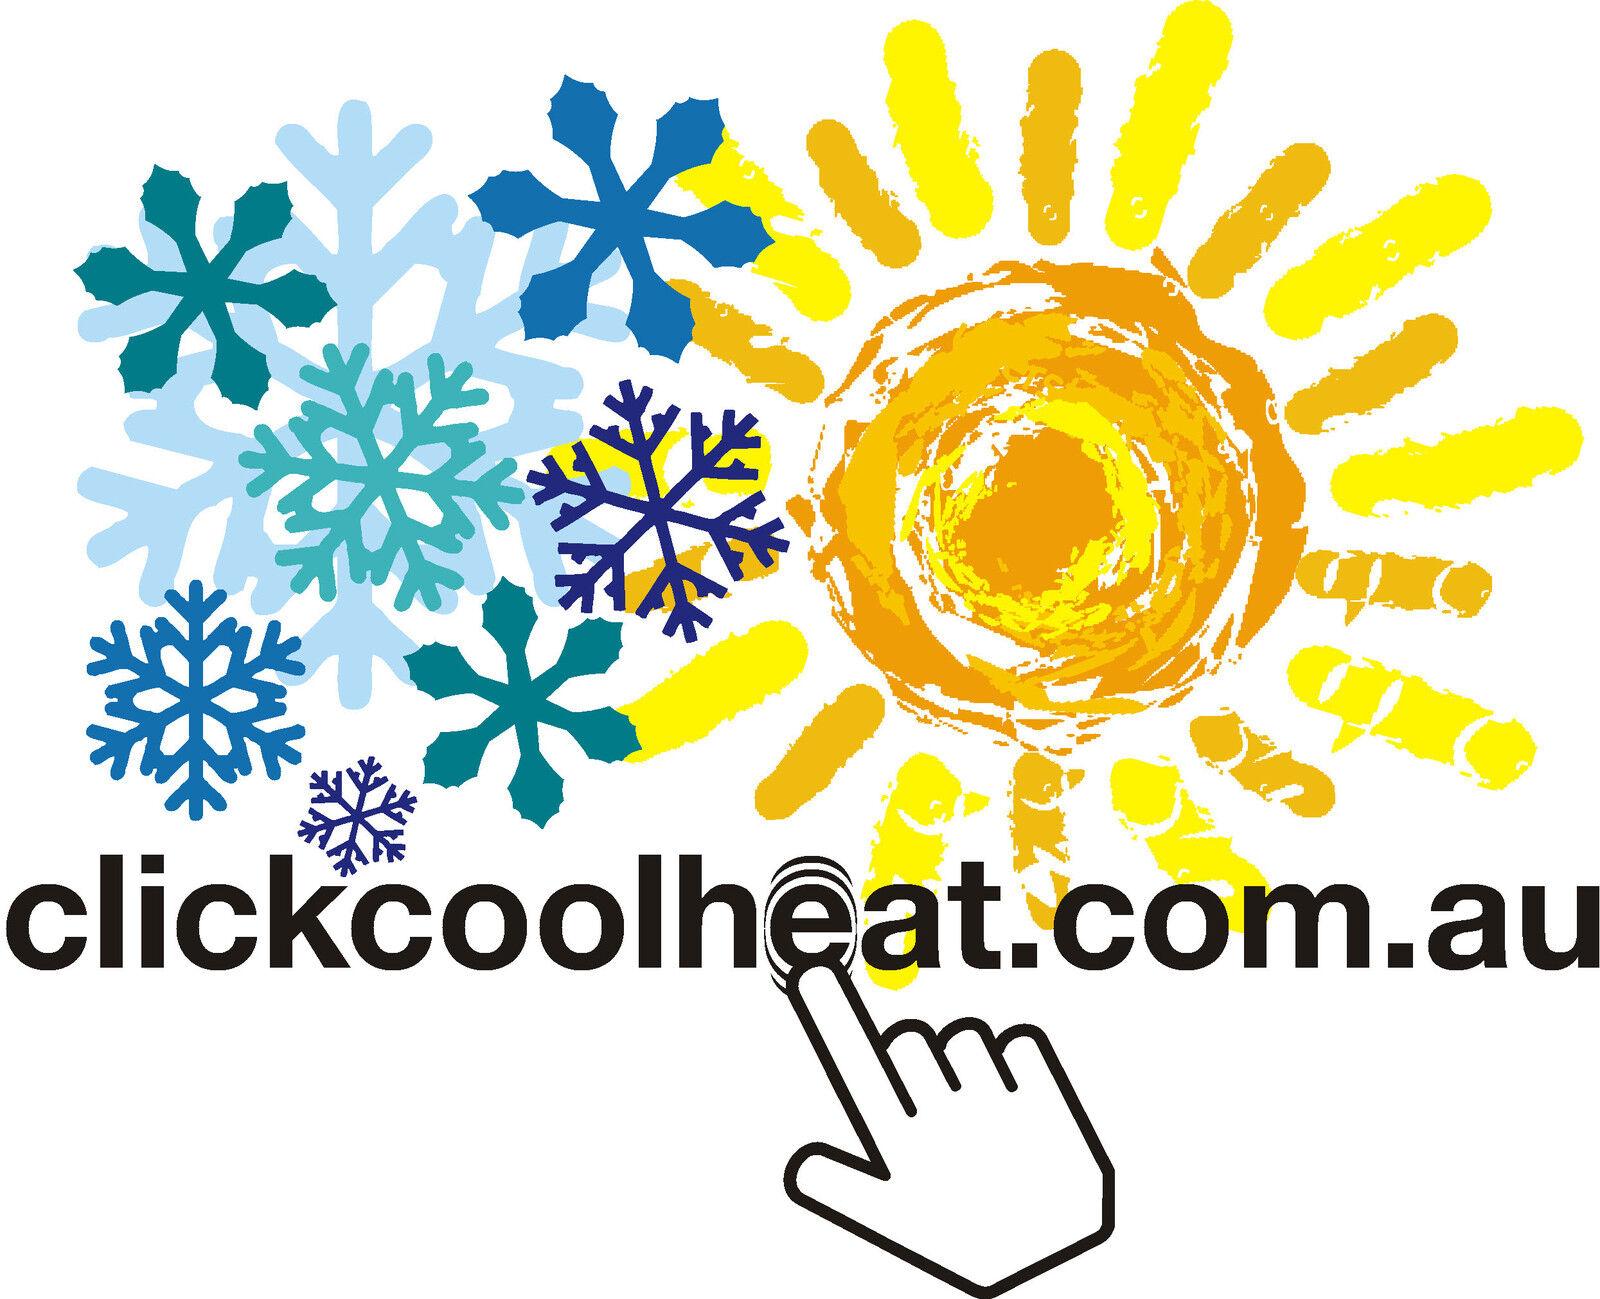 clickcoolheat